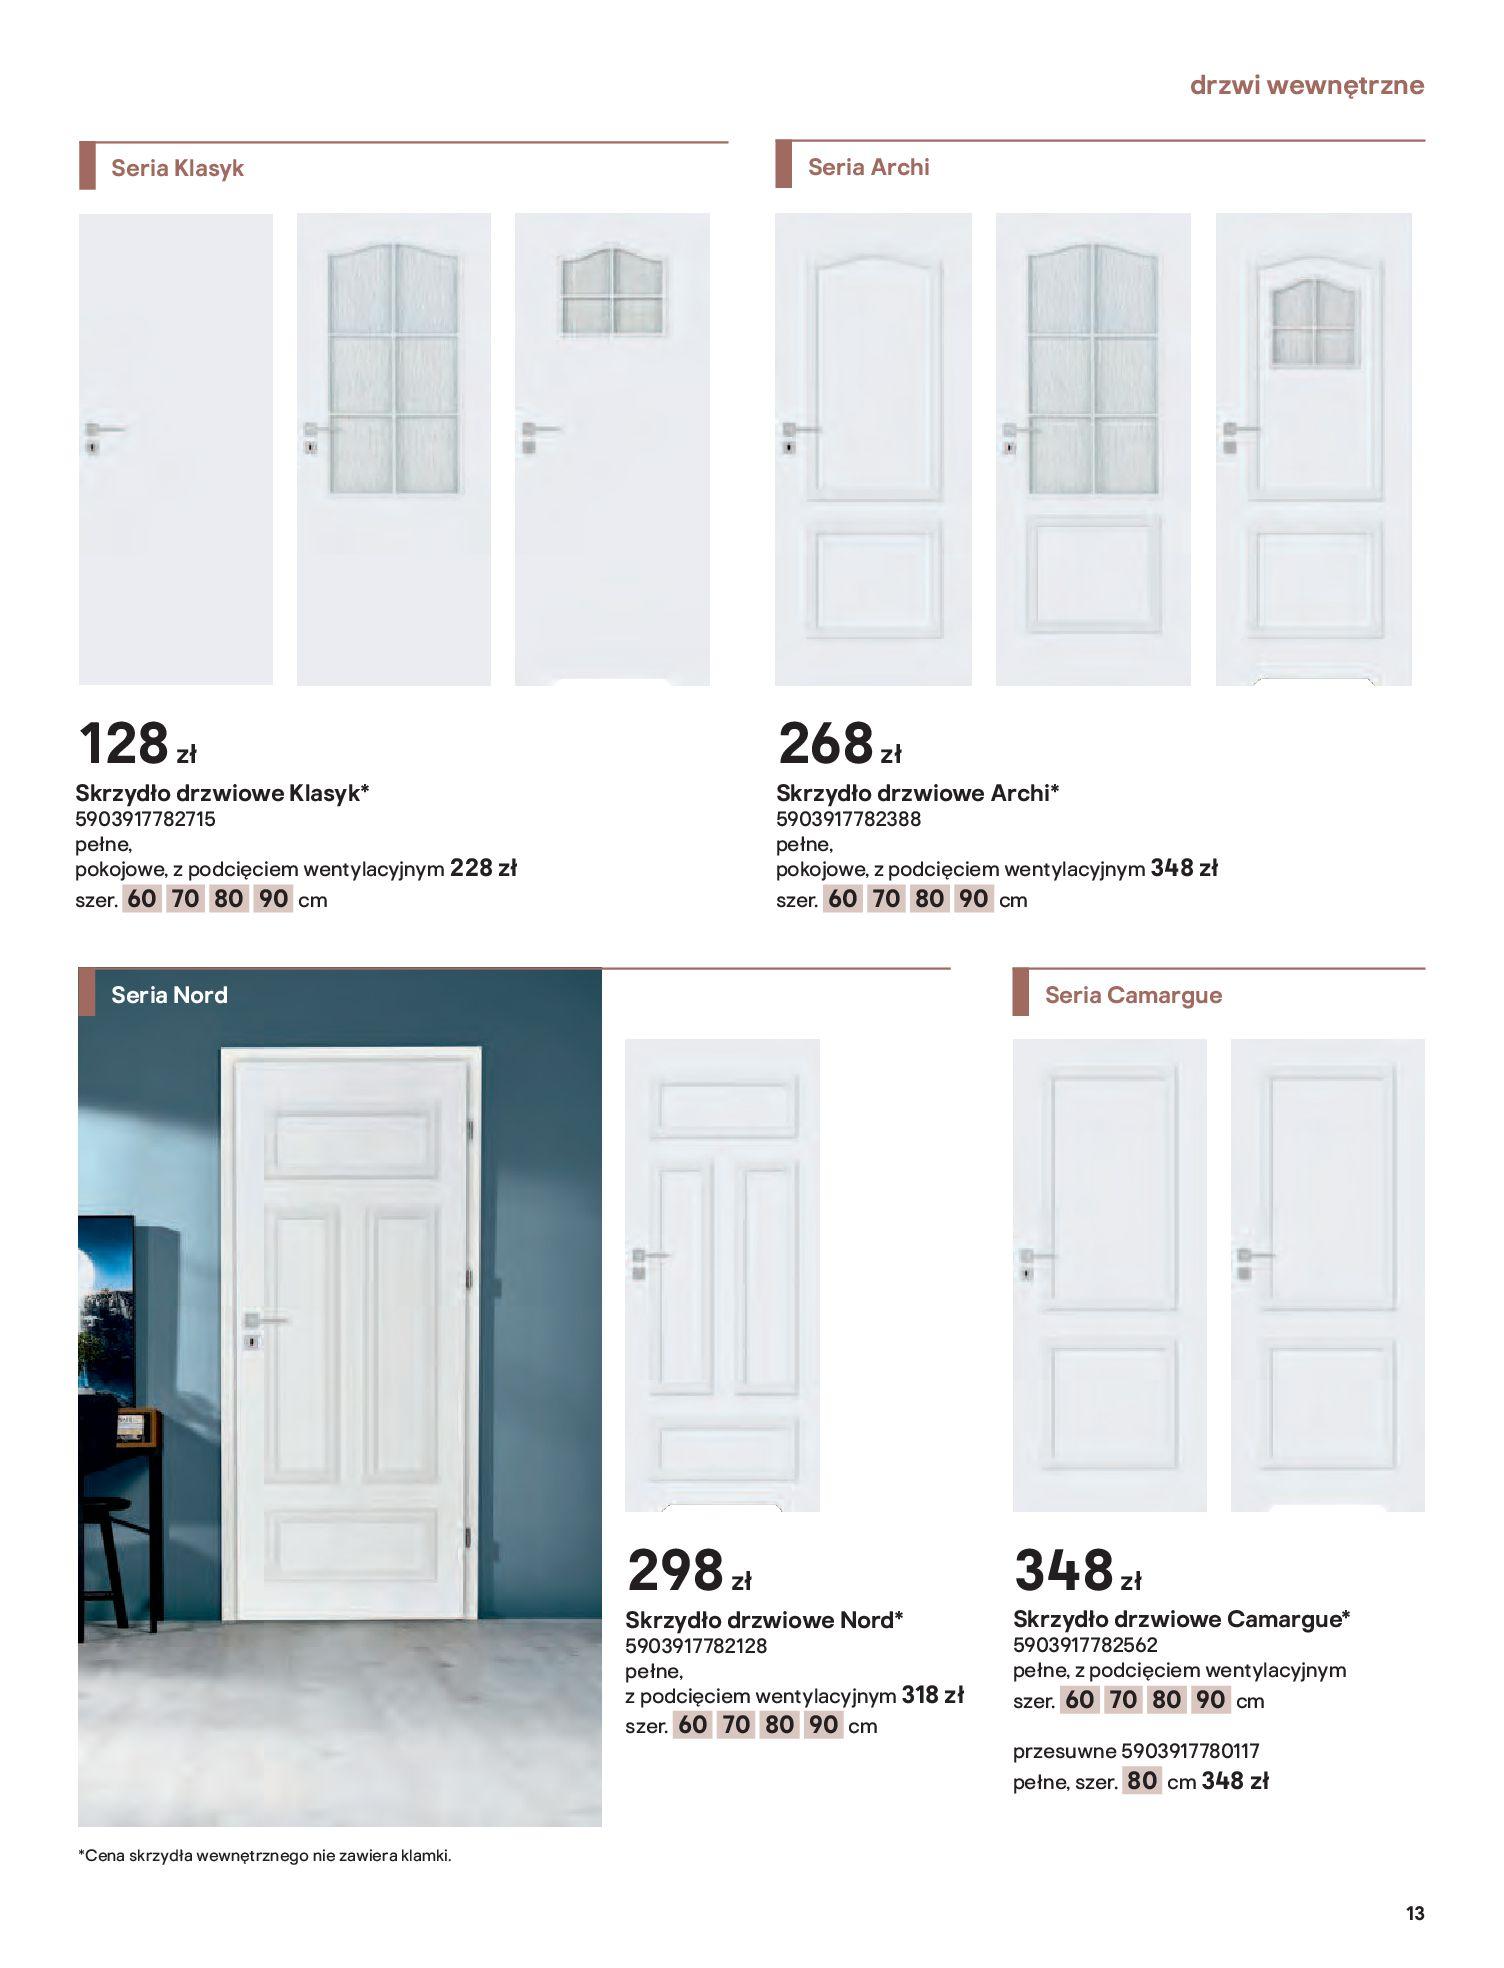 Gazetka Castorama: Gazetka Castorama - Przewodnik drzwi i podłogi 2021 2021-08-11 page-13